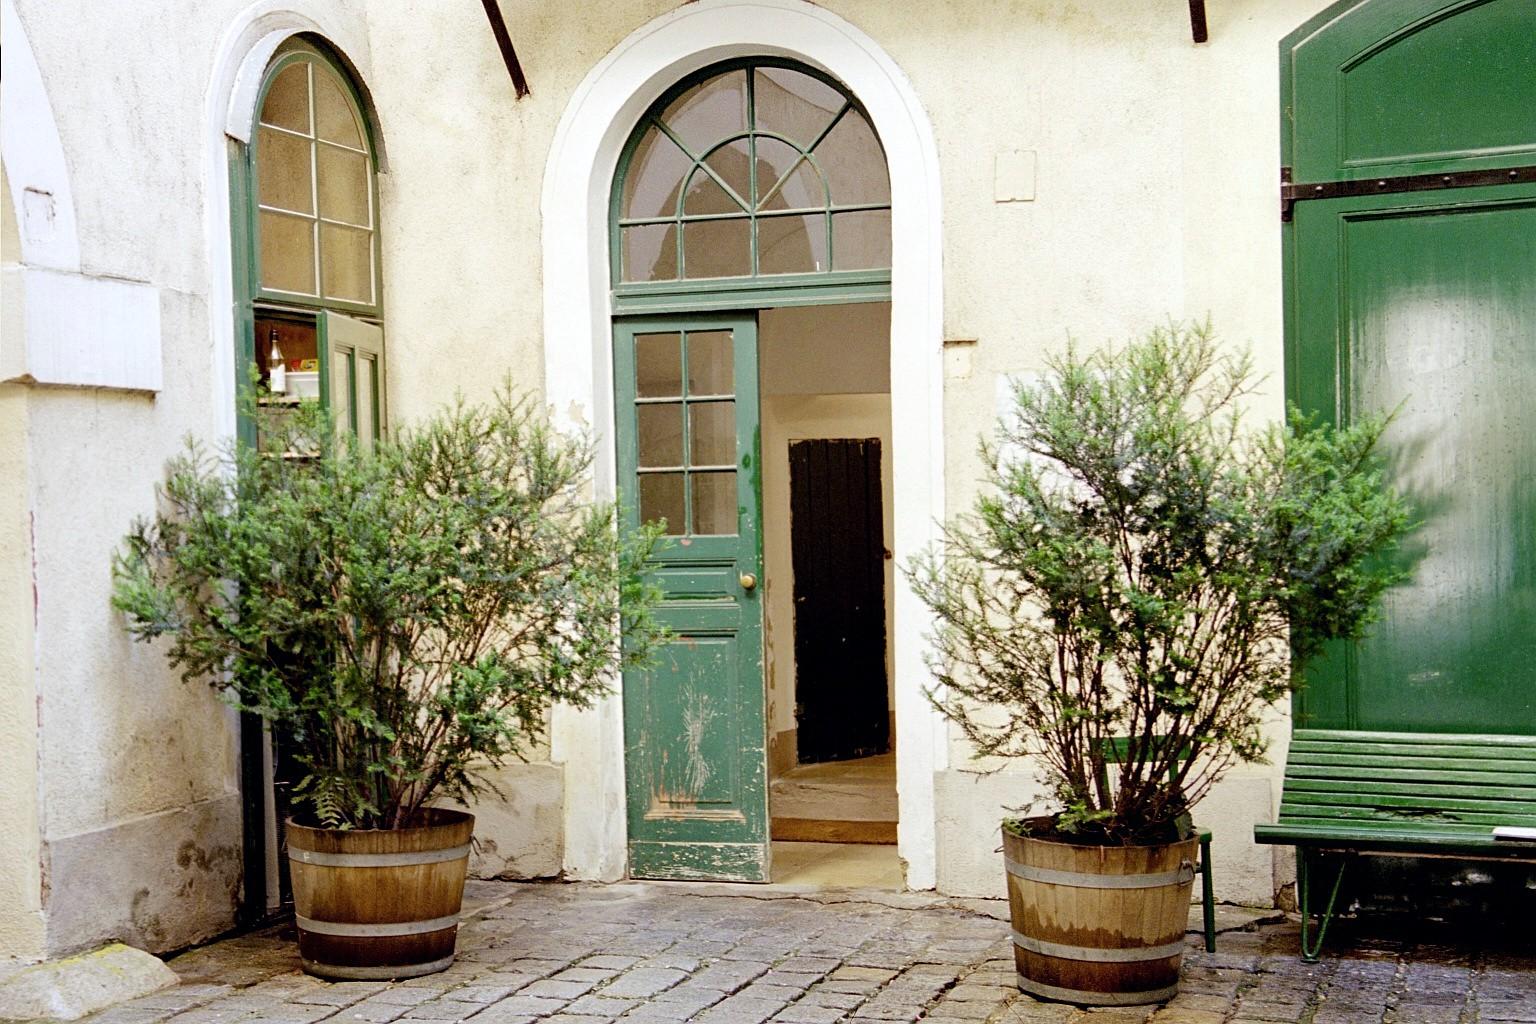 Wiener Innenhof 2002